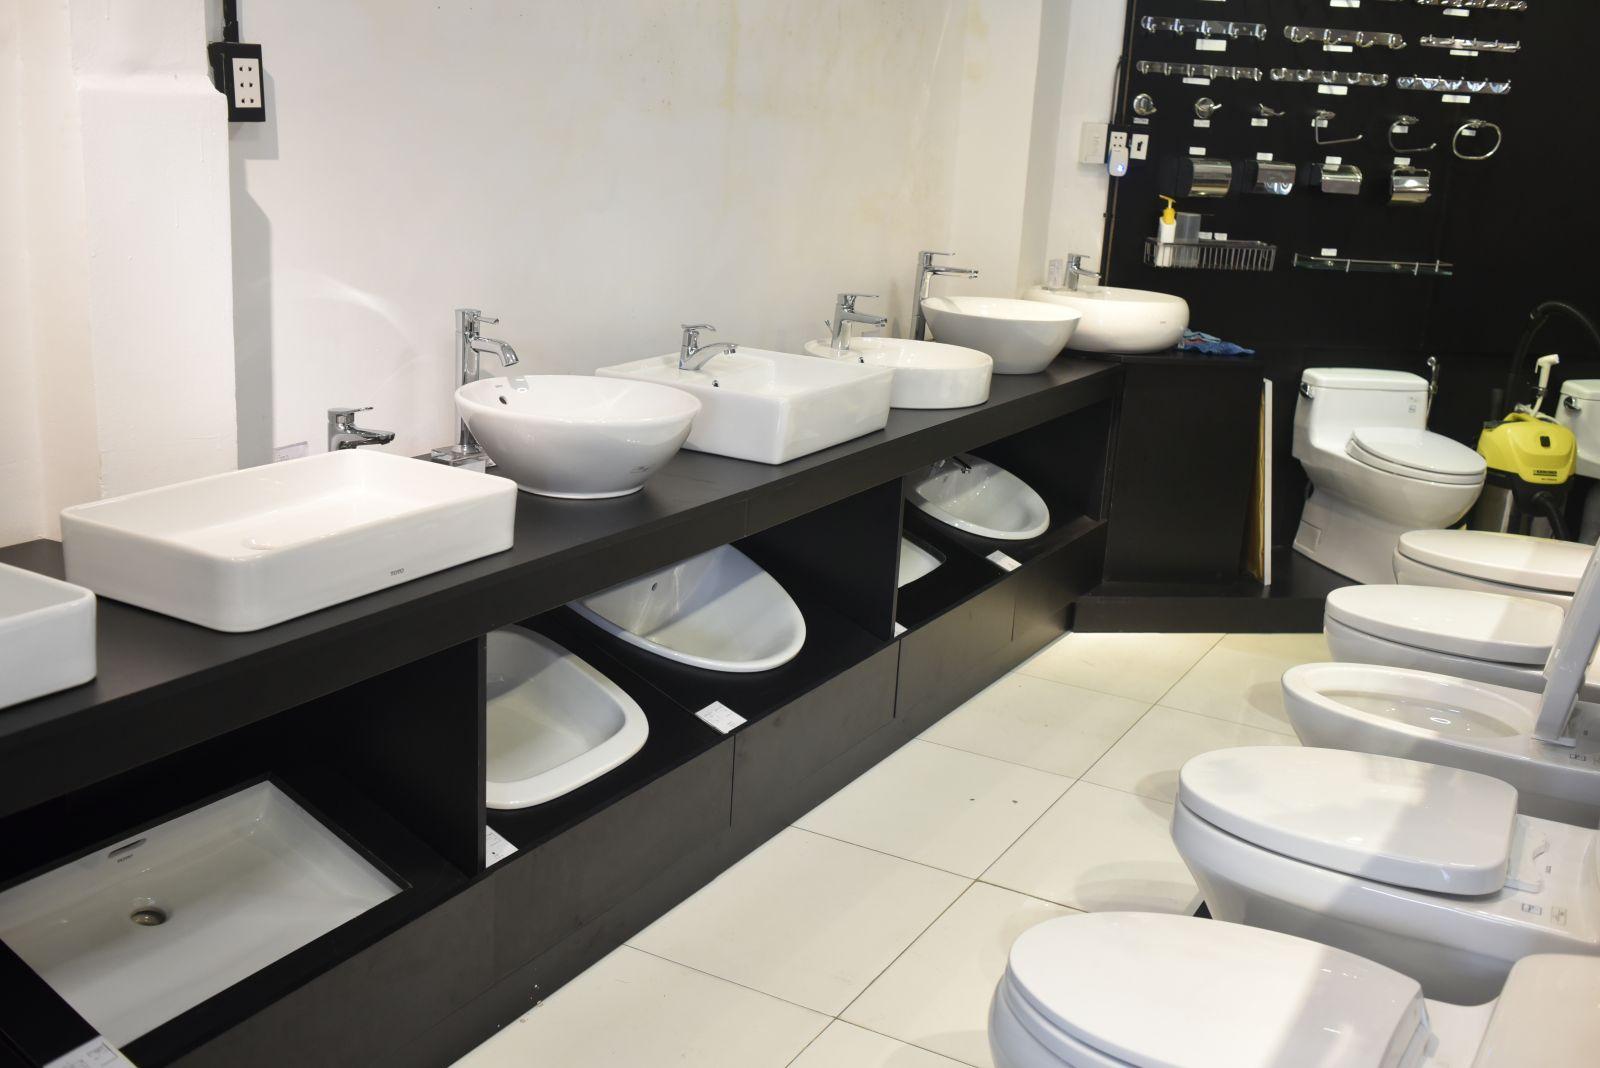 Kinh nghiệm chọn mua thiết bị vệ sinh inax tại cửa hàng